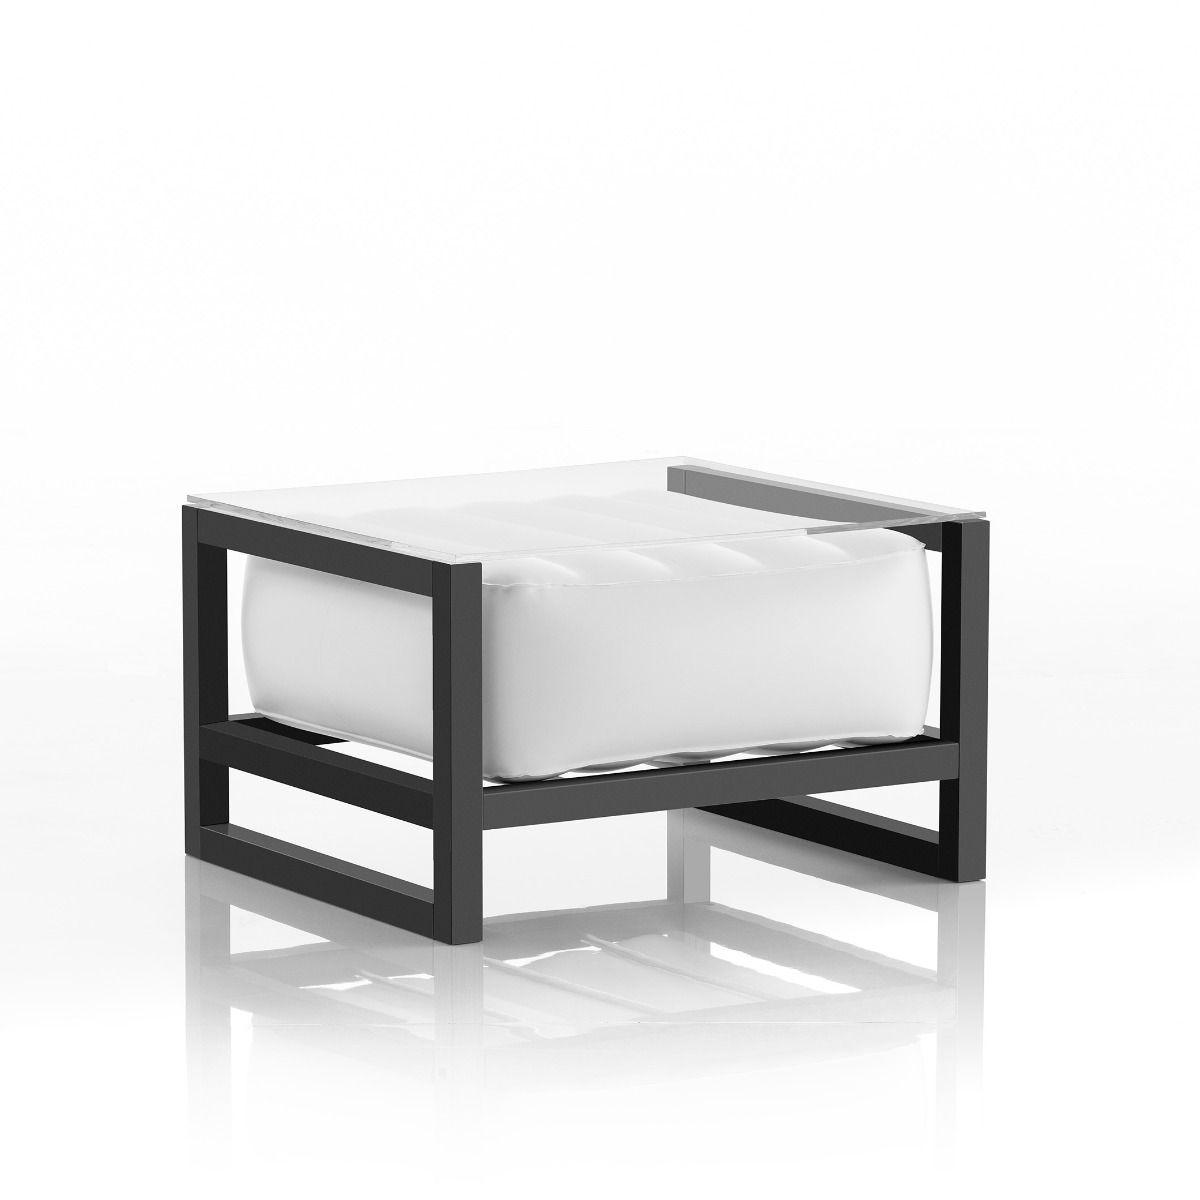 Table basse pvc blanche cadre en aluminium